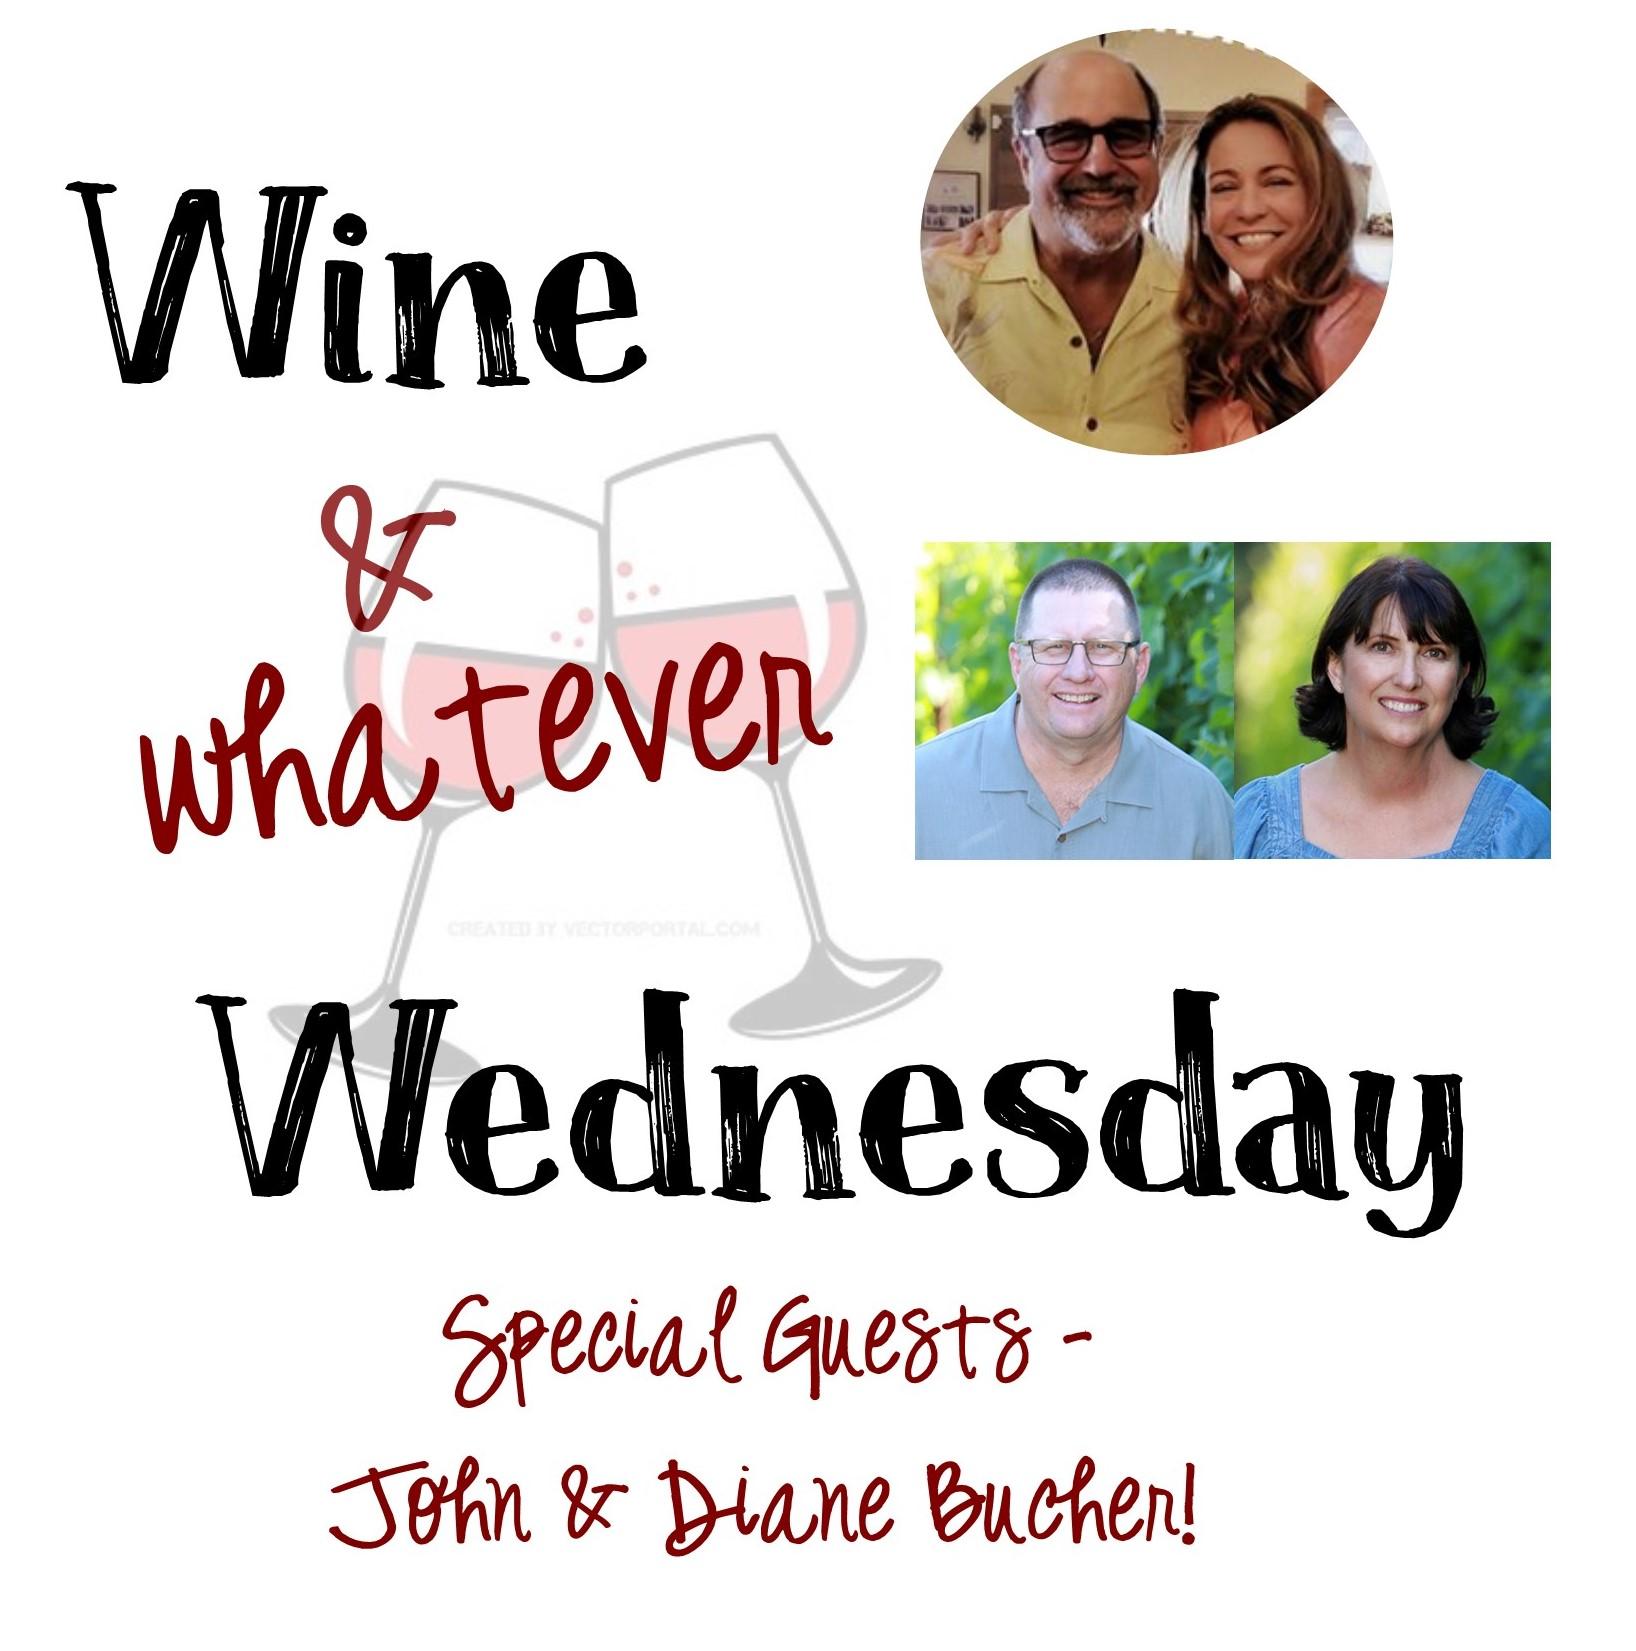 Wine Wednesday Ben Kristen John & Diane Bucher